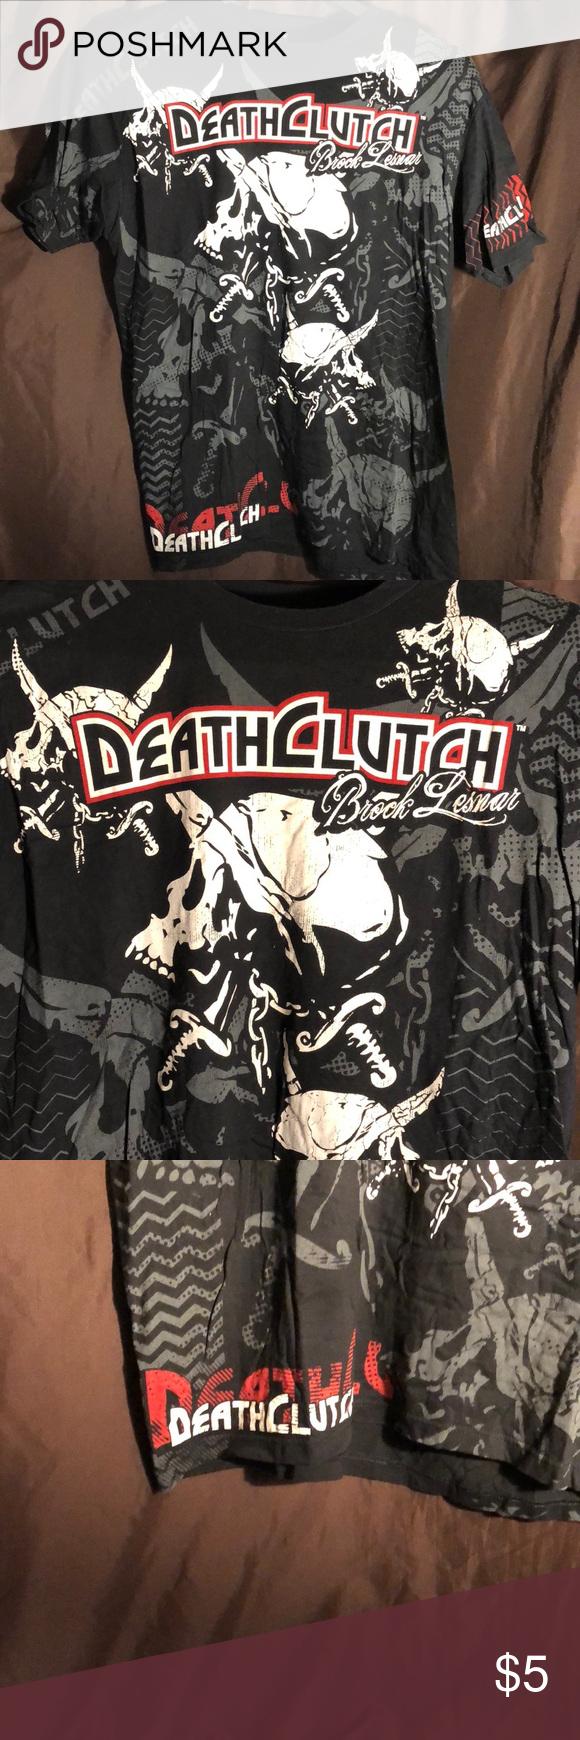 Brock Lesnar Ufc T Shirt Ufc T Shirt Brock Lesnar Ufc Brock Lesnar